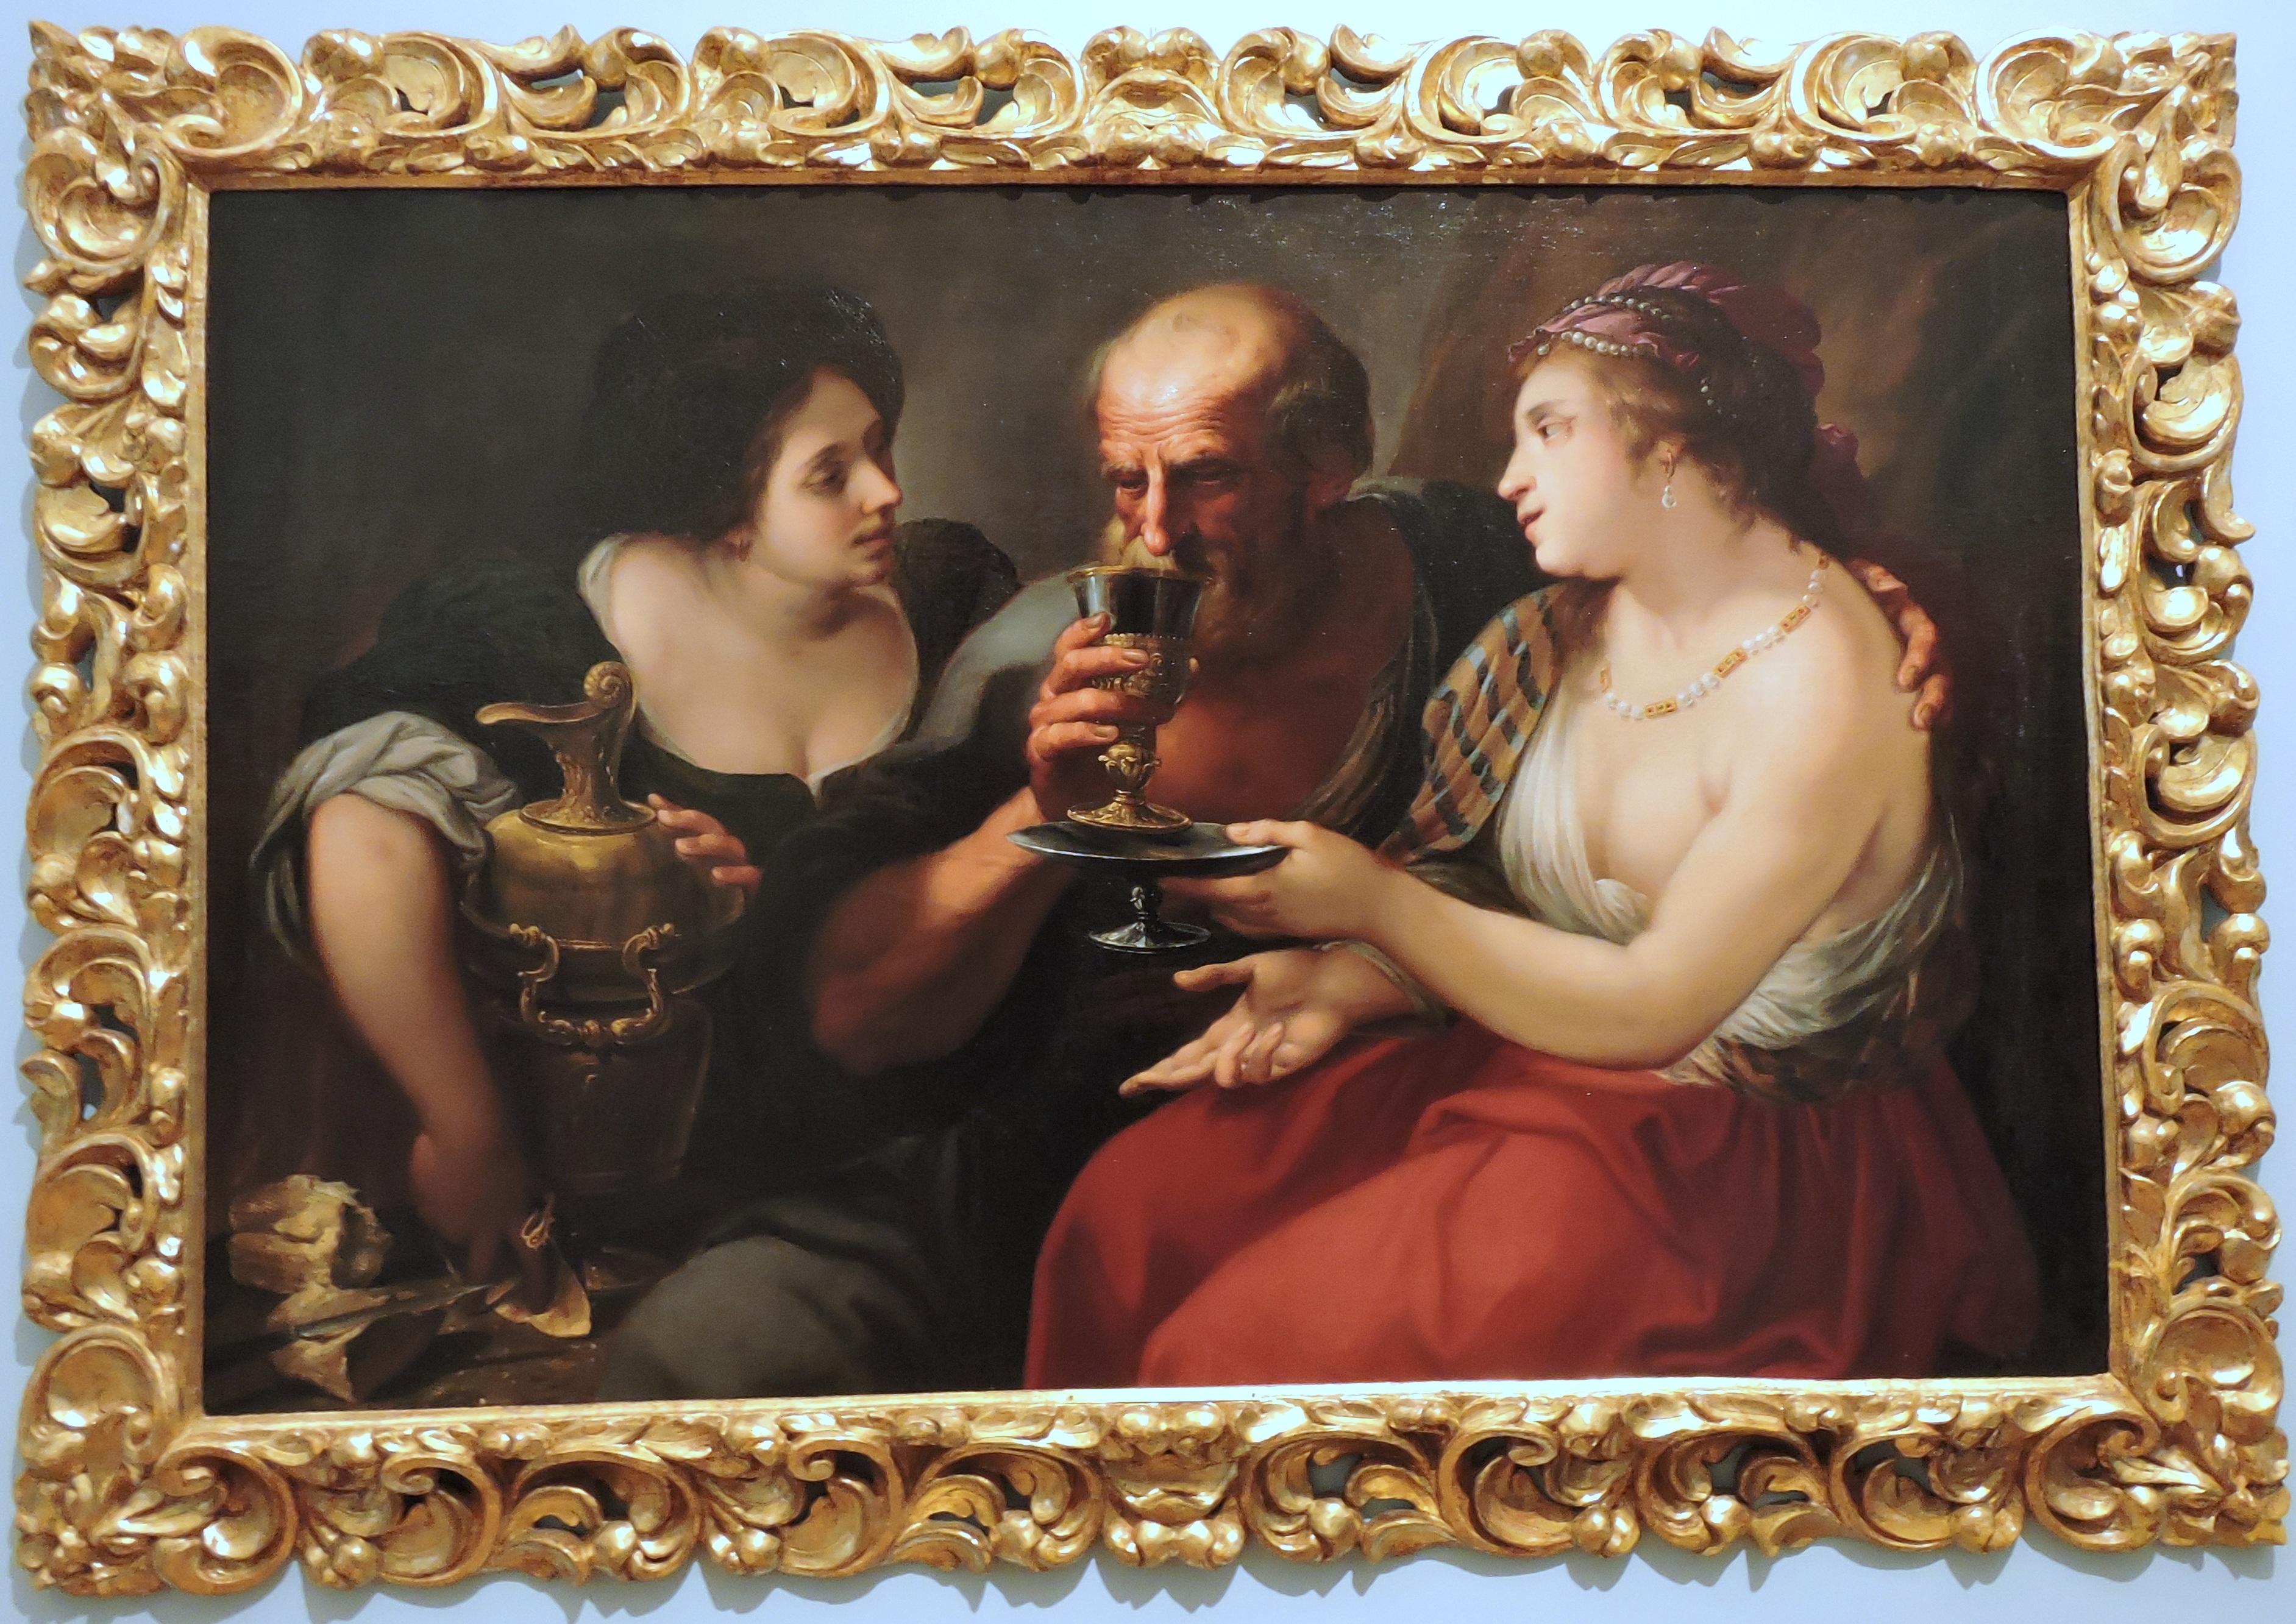 Kostenlose foto : Mann, Frau, Wein, Museum, Getränk, Malerei ...